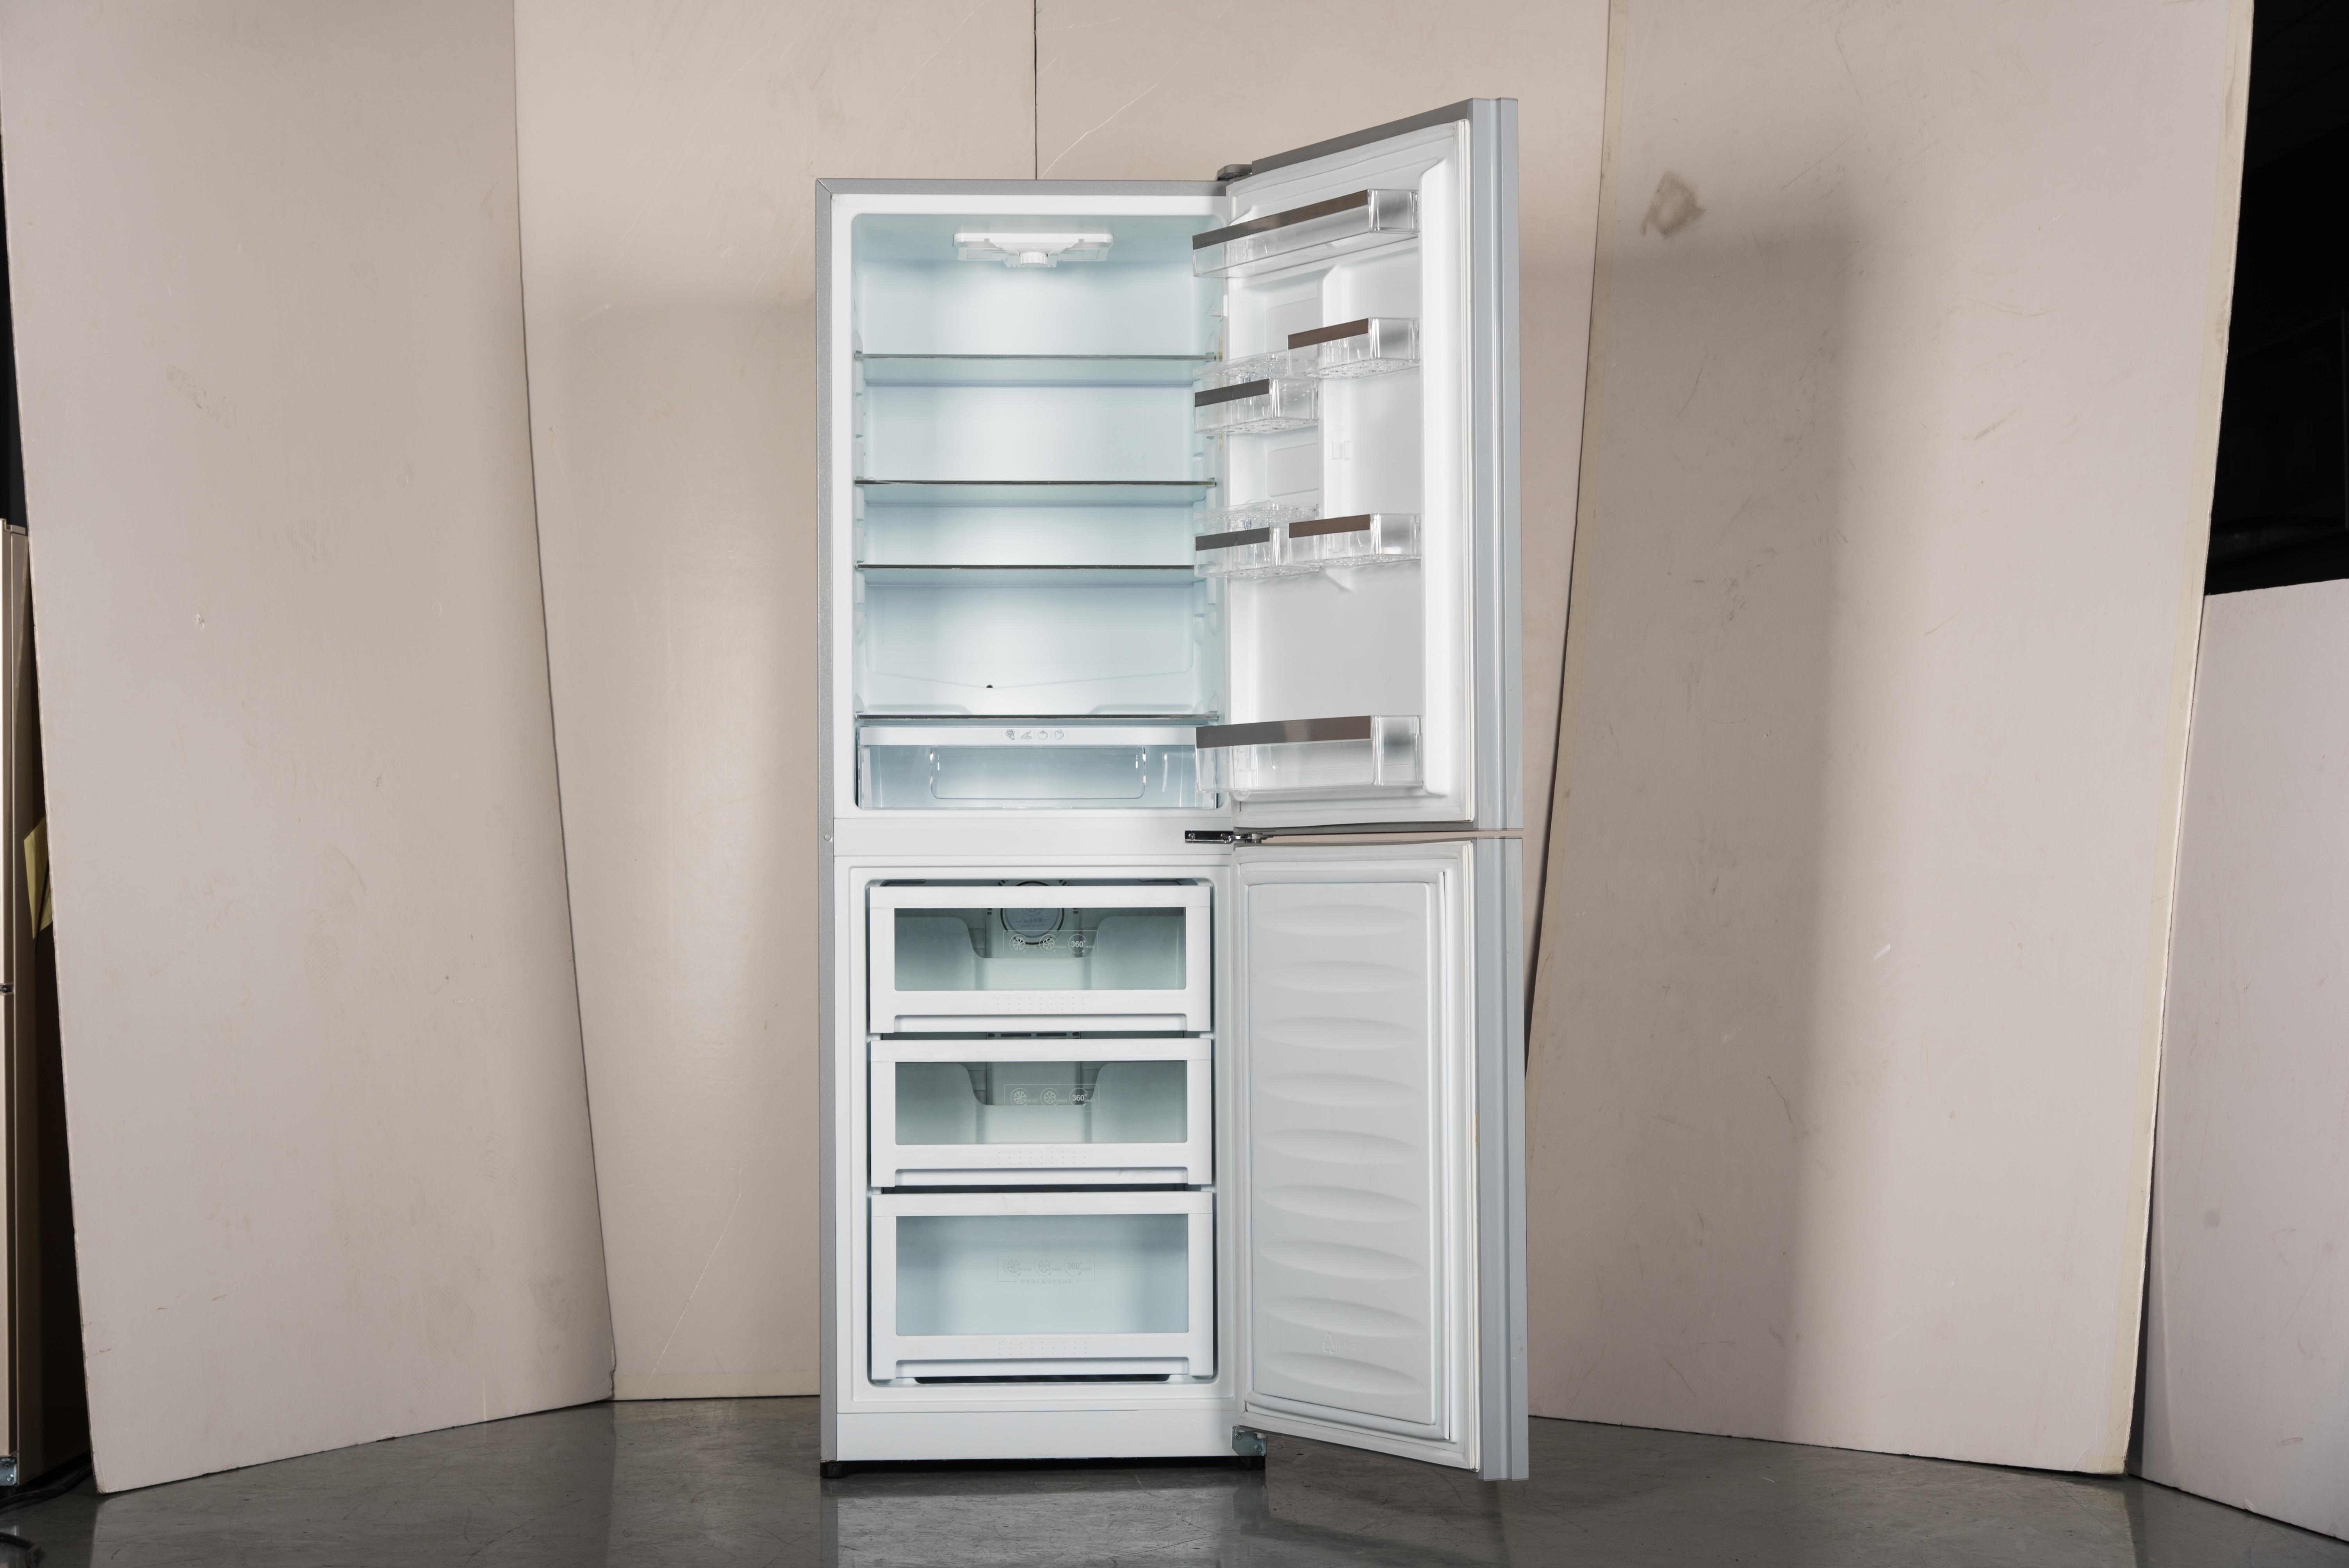 打开的冰箱矢卡通图